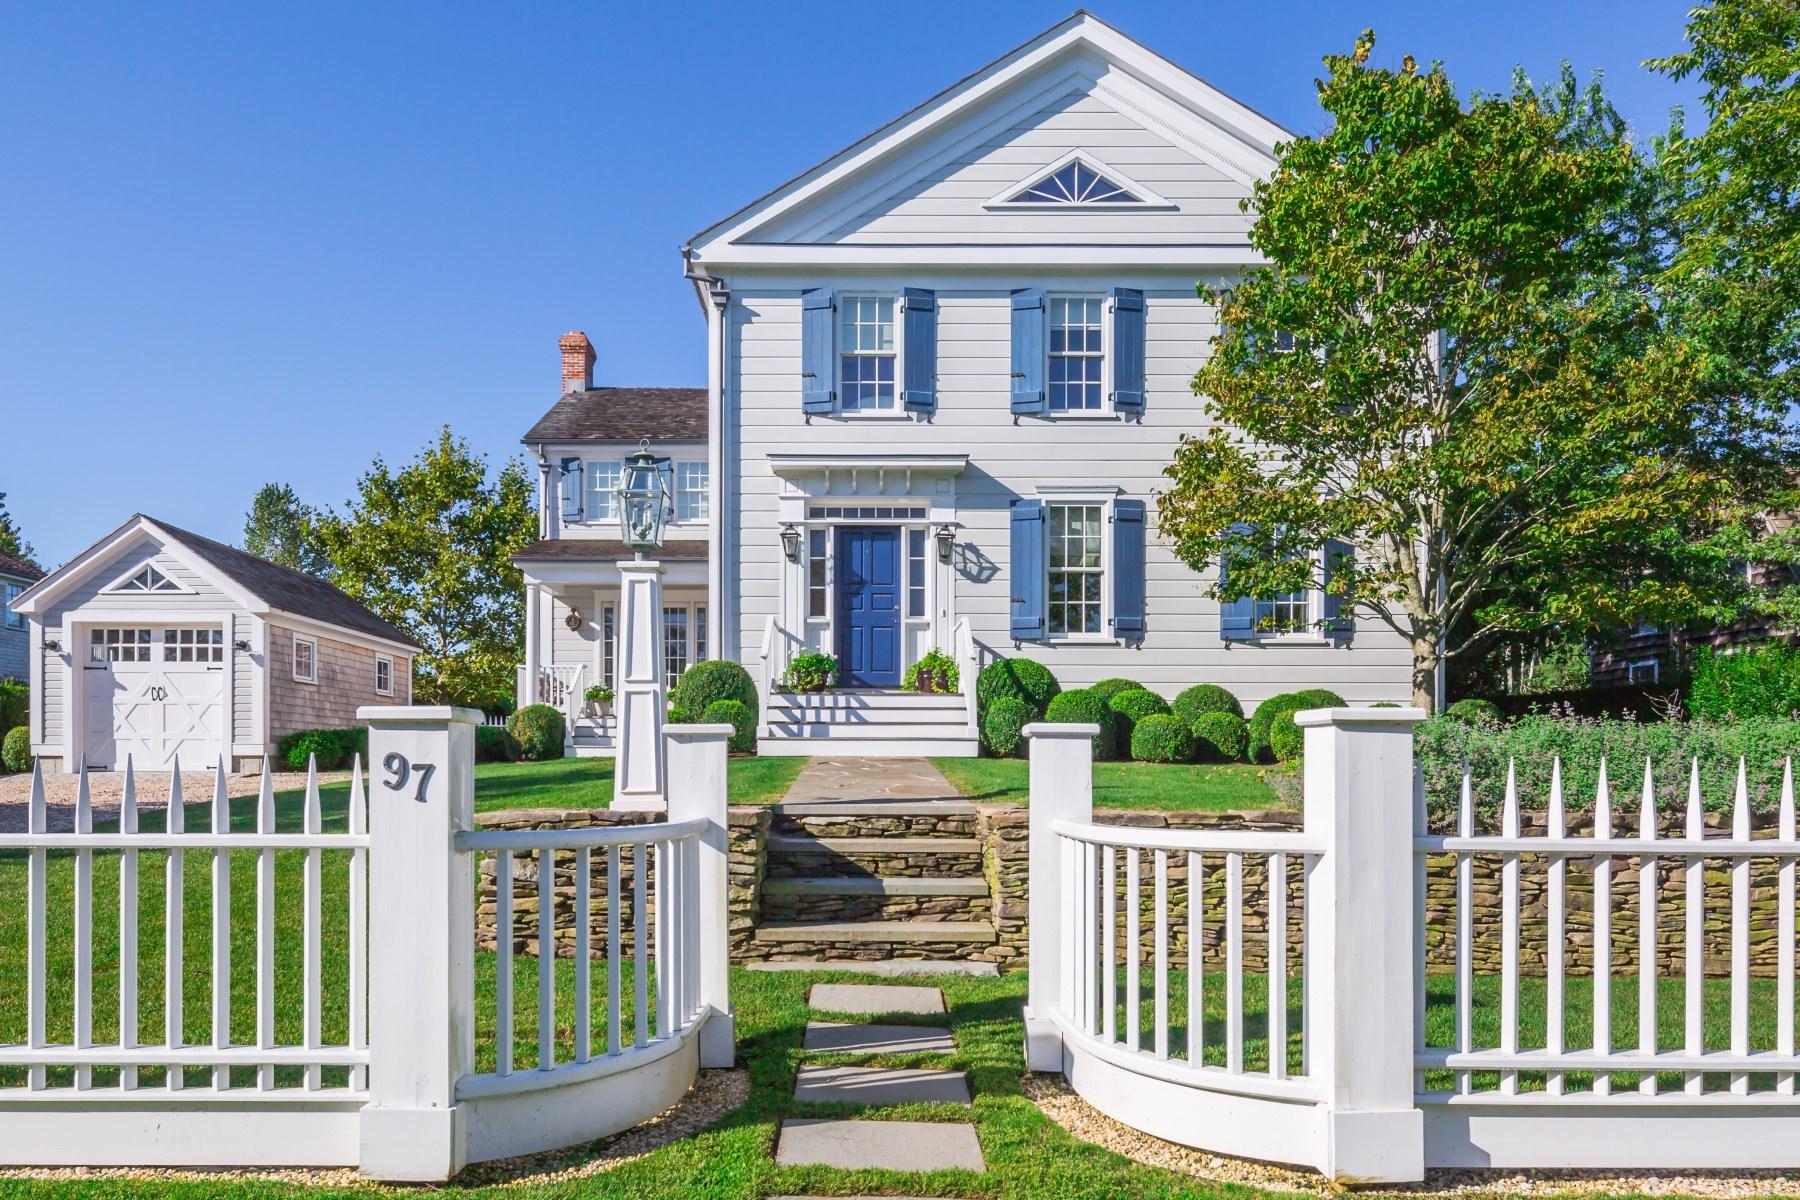 Maison unifamiliale pour l Vente à Sag Harbor Village Rarity Sag Harbor Village, Sag Harbor, New York, 11963 États-Unis